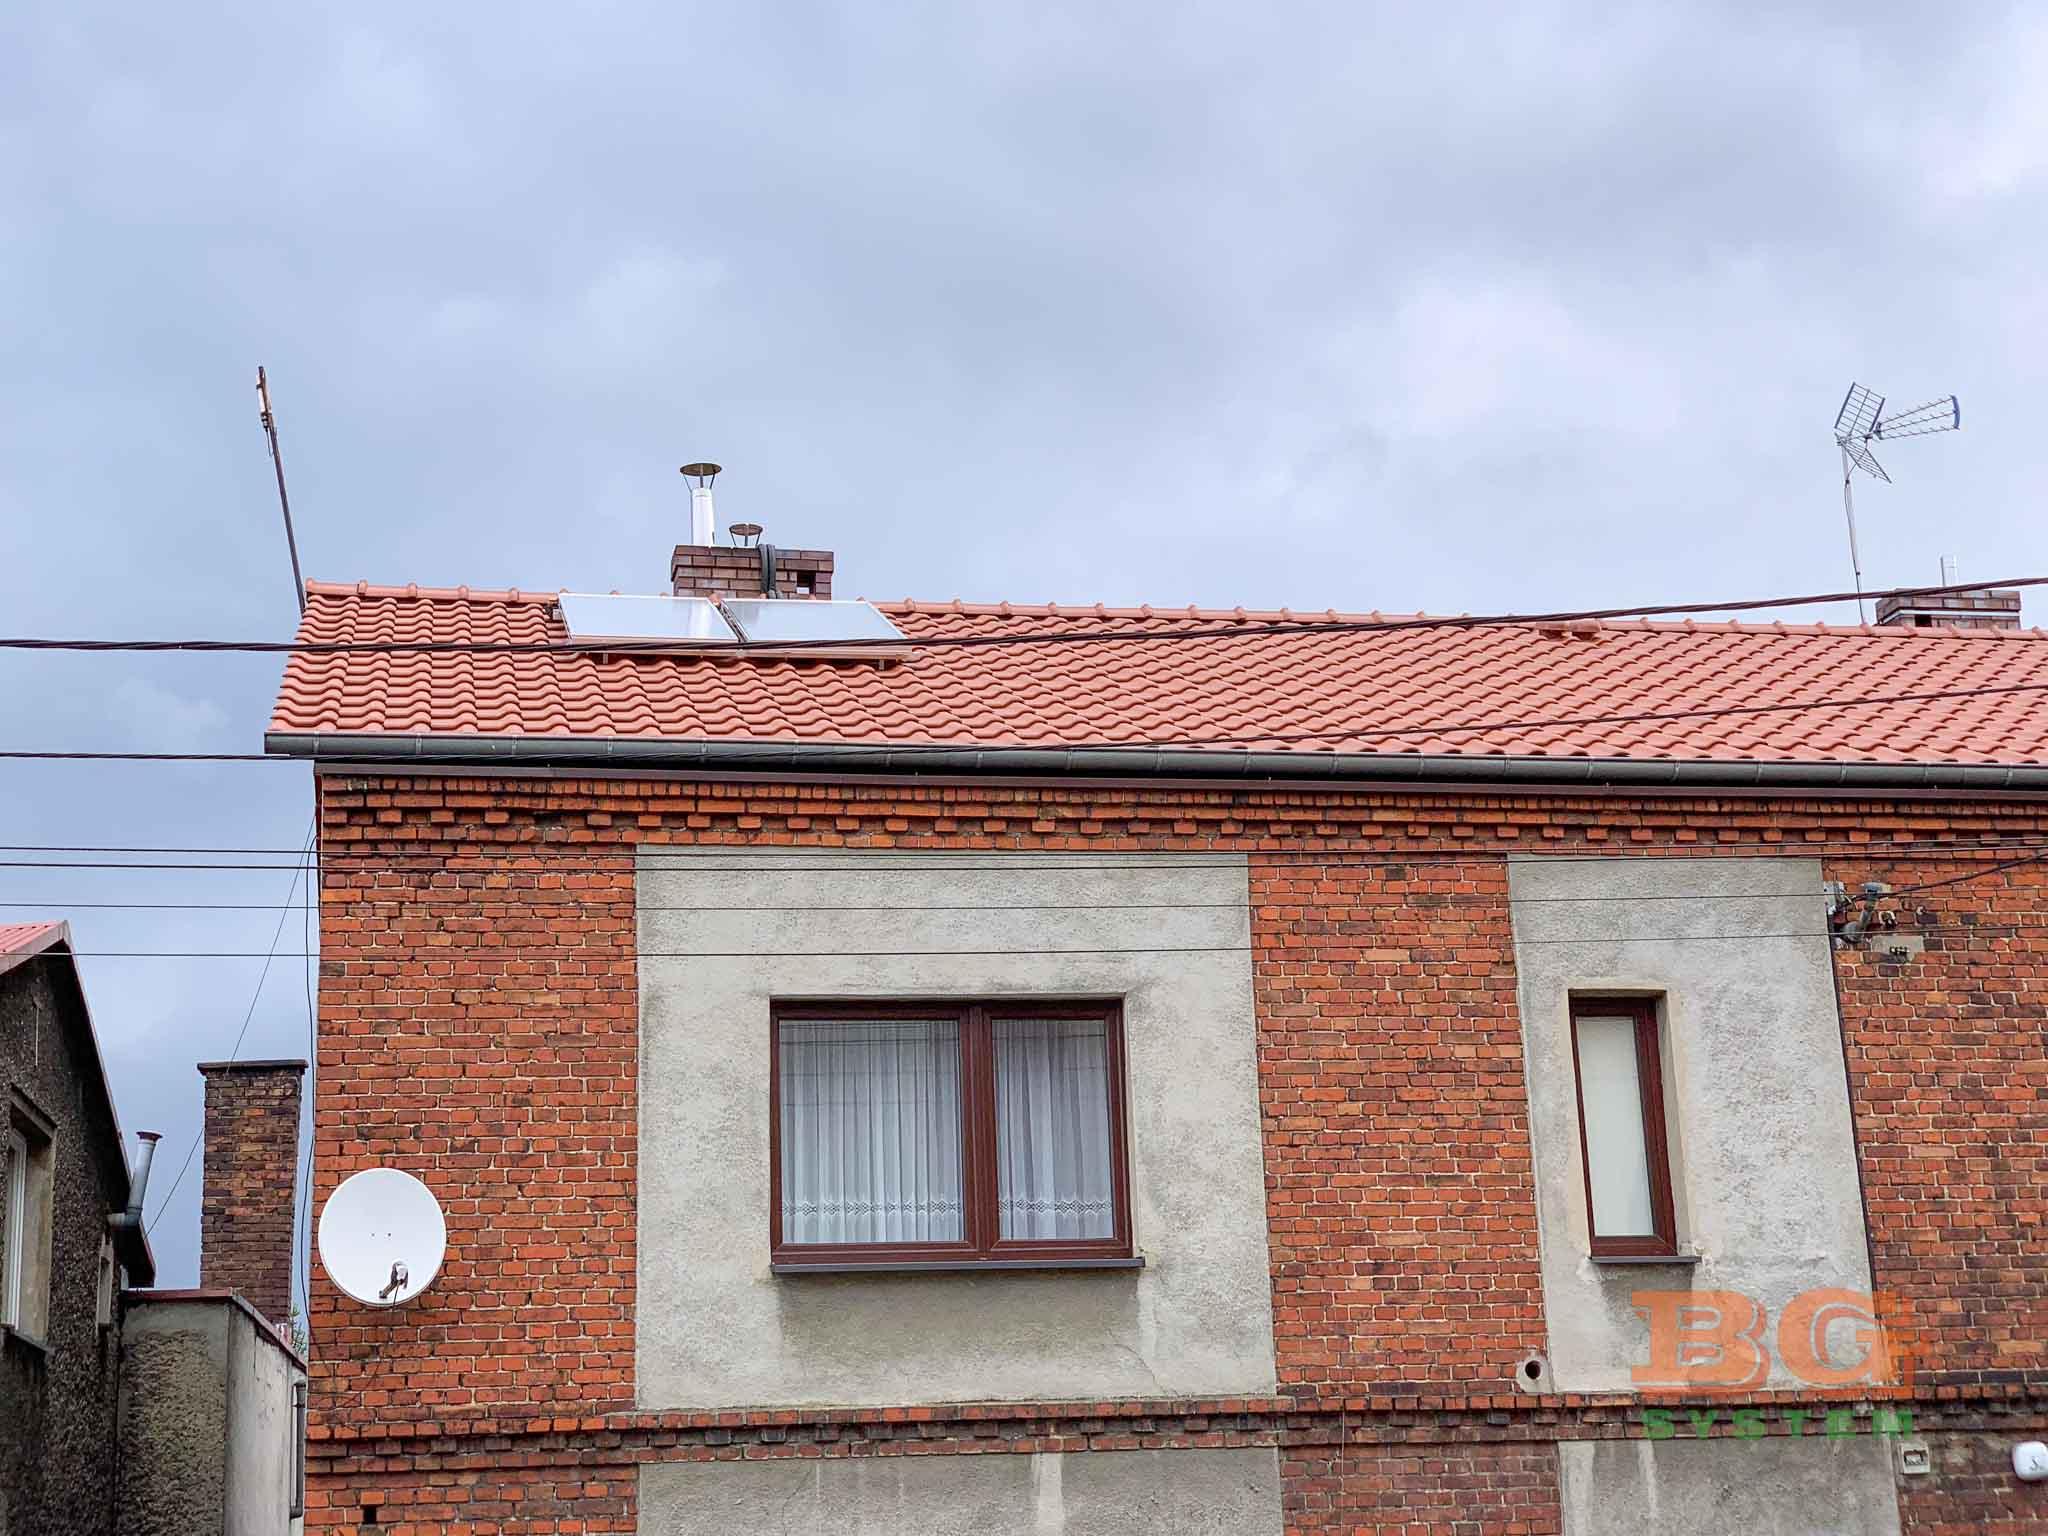 Inwestycja PONE, ul. Leśna w Zabrzu, wykonawca – BG System